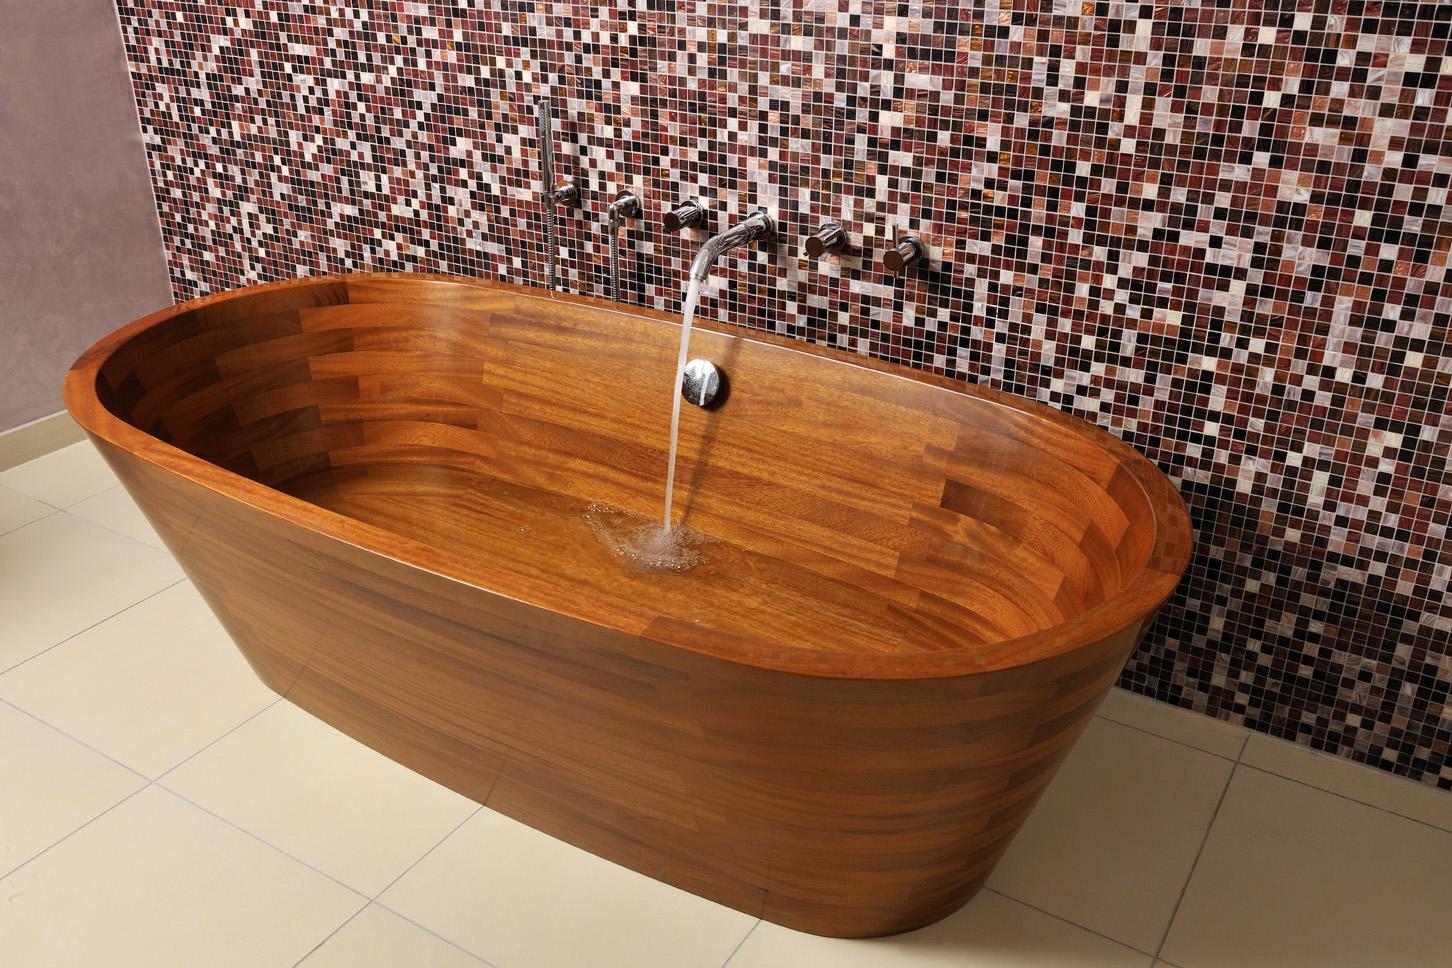 baignoire fonte prix baignoire sur pied herbeau modle. Black Bedroom Furniture Sets. Home Design Ideas